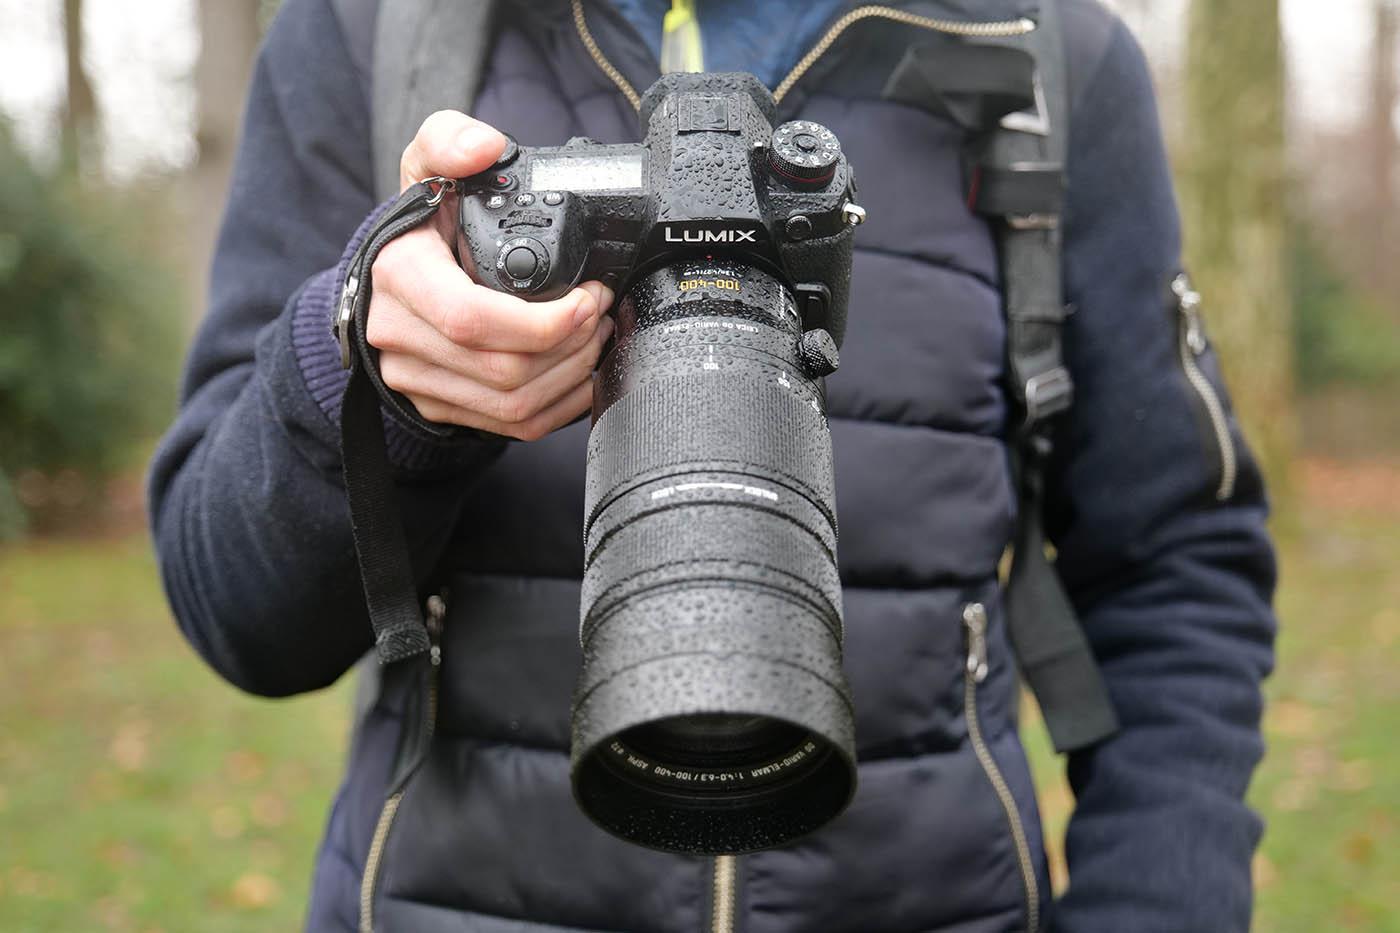 meilleur super zoom Panasonic G9